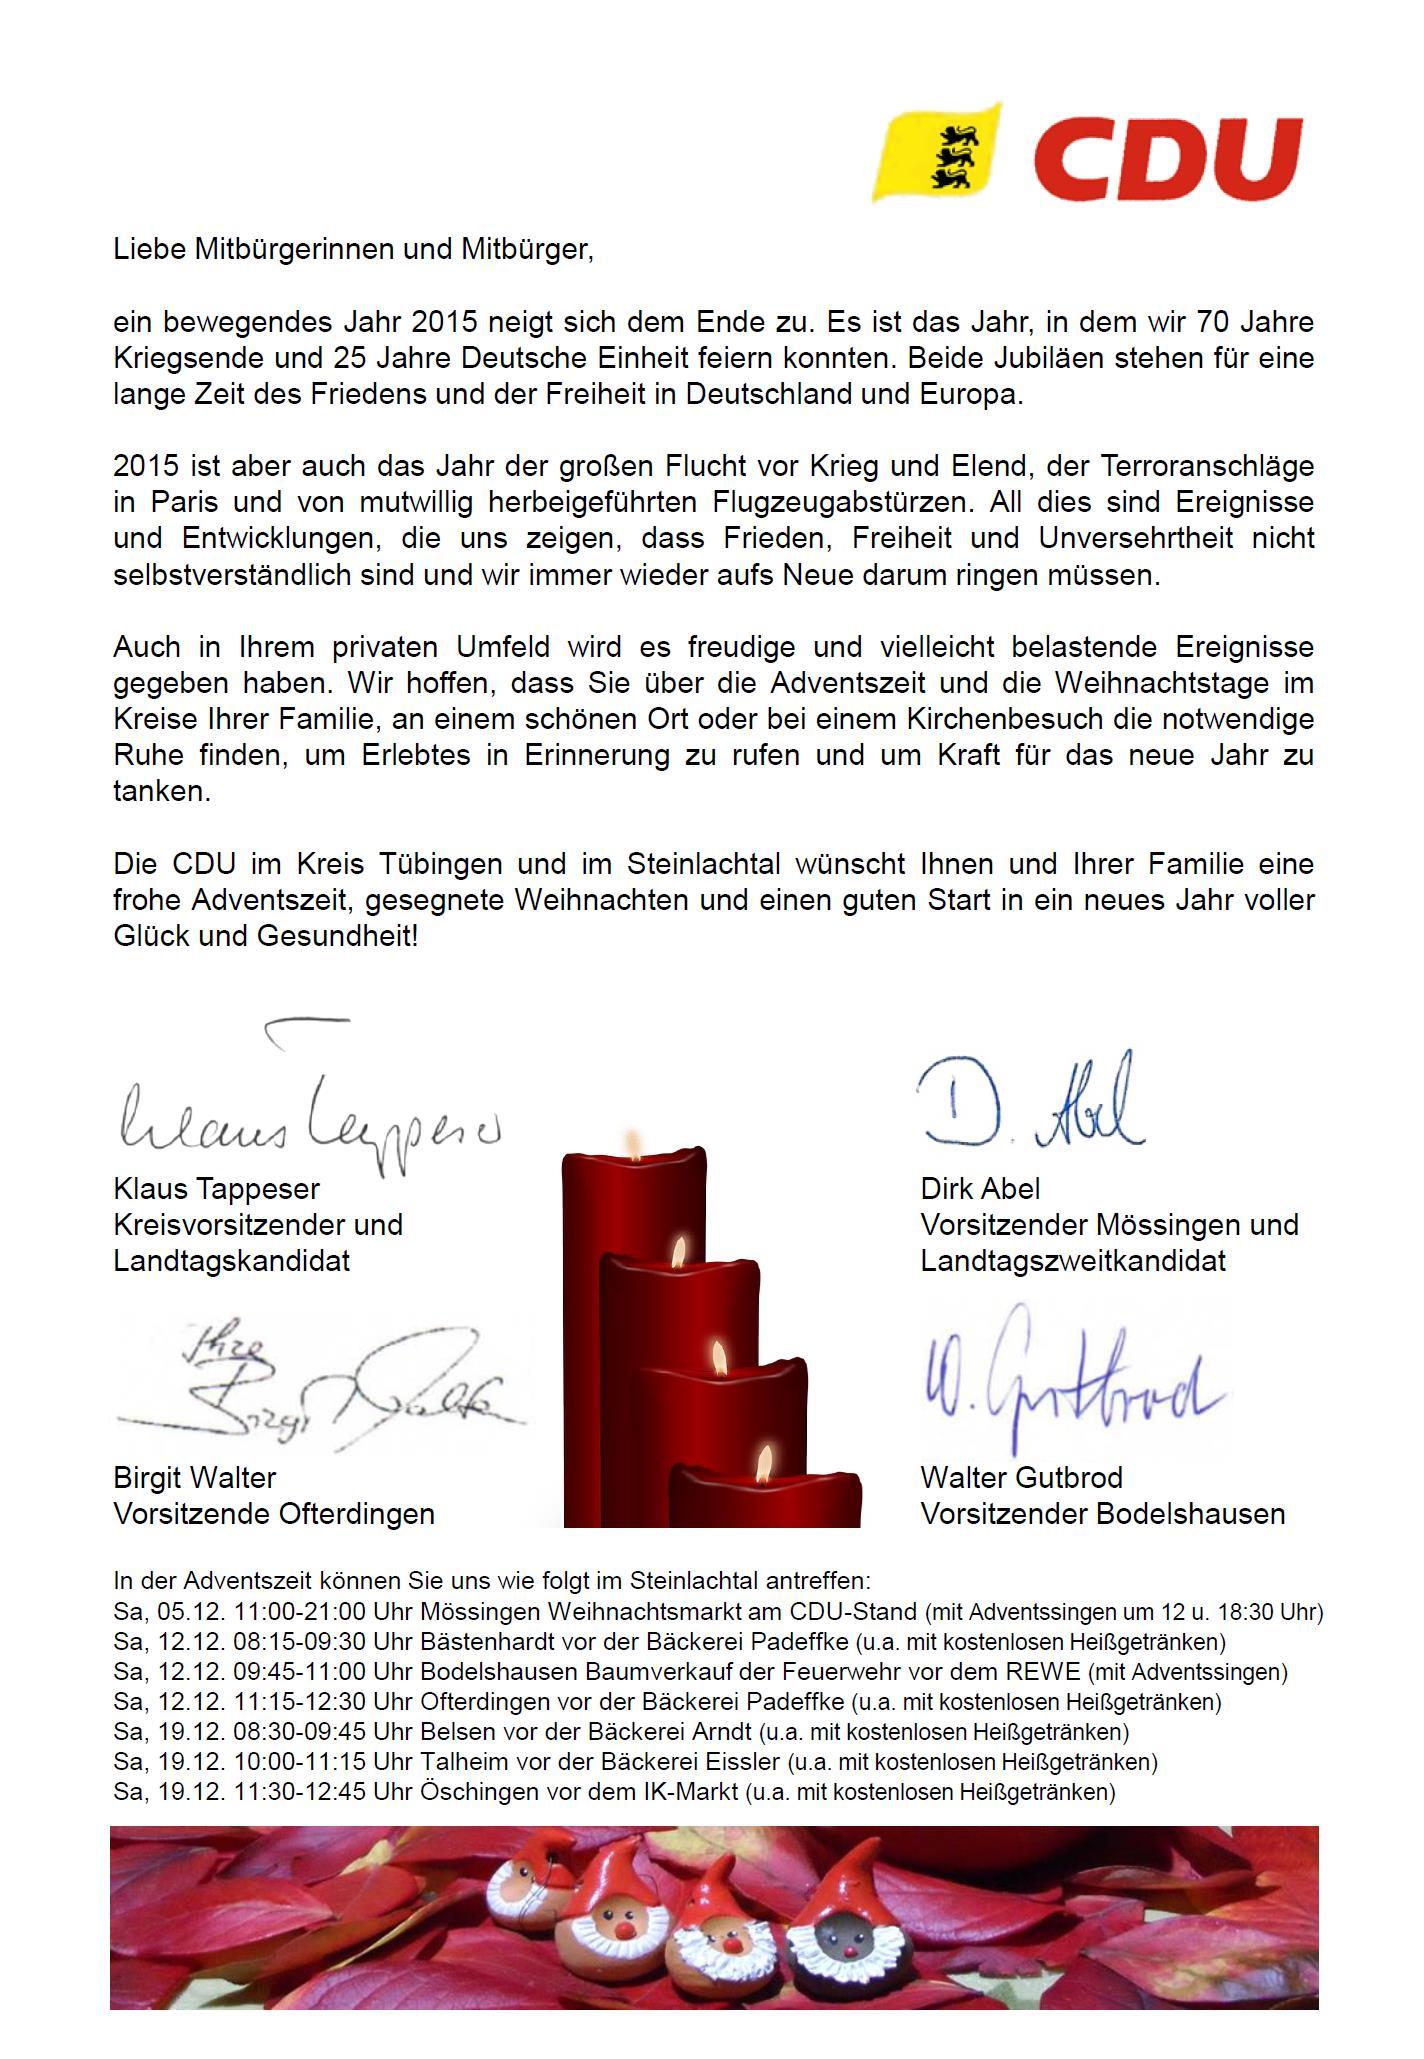 CDU Stadtverband Mössingen - Die CDU Mössingen wünscht Ihnen und ...